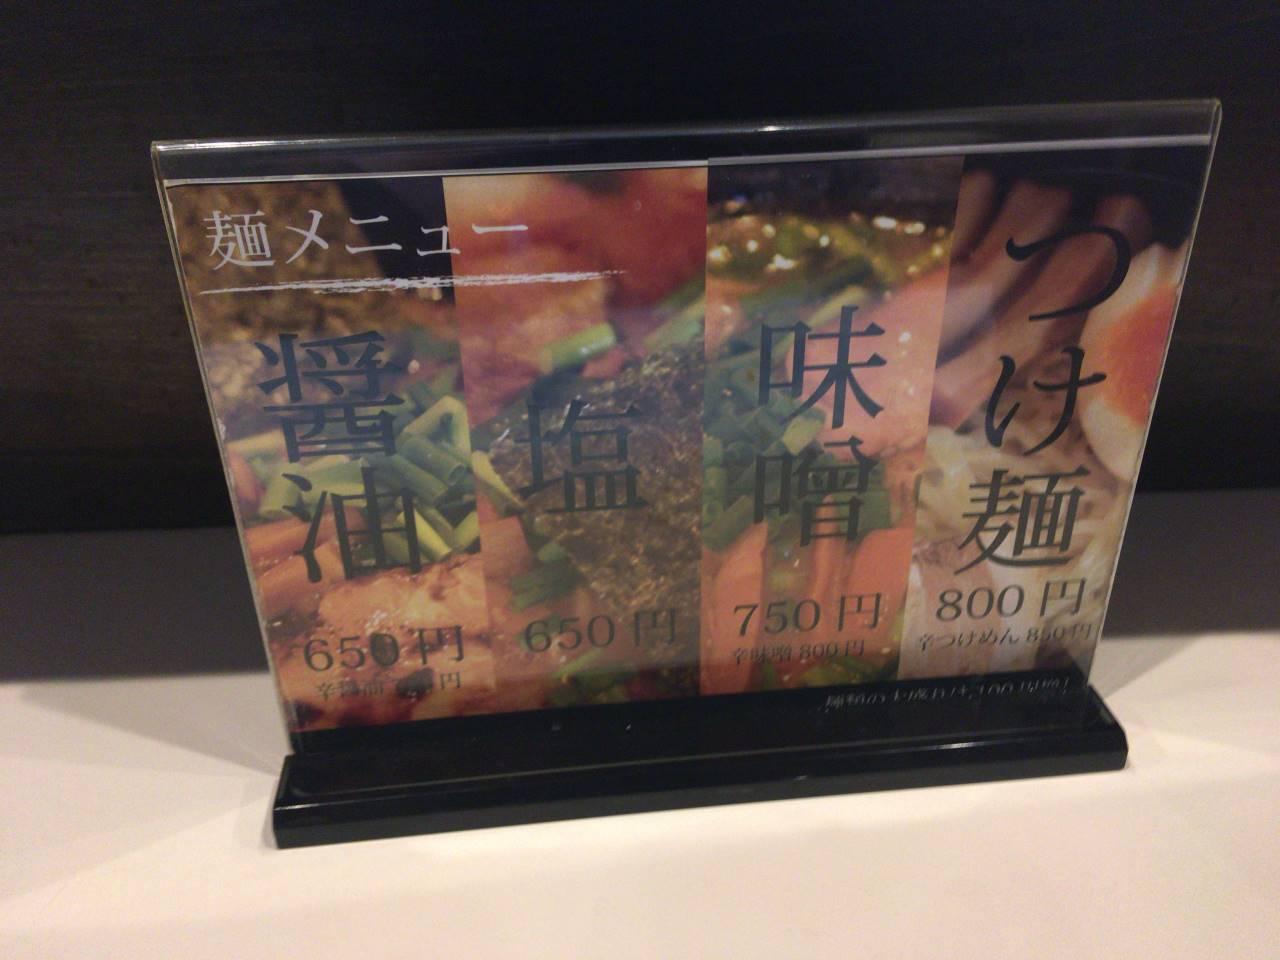 麺屋鶏豚(トリトン tori ton)のメニュー